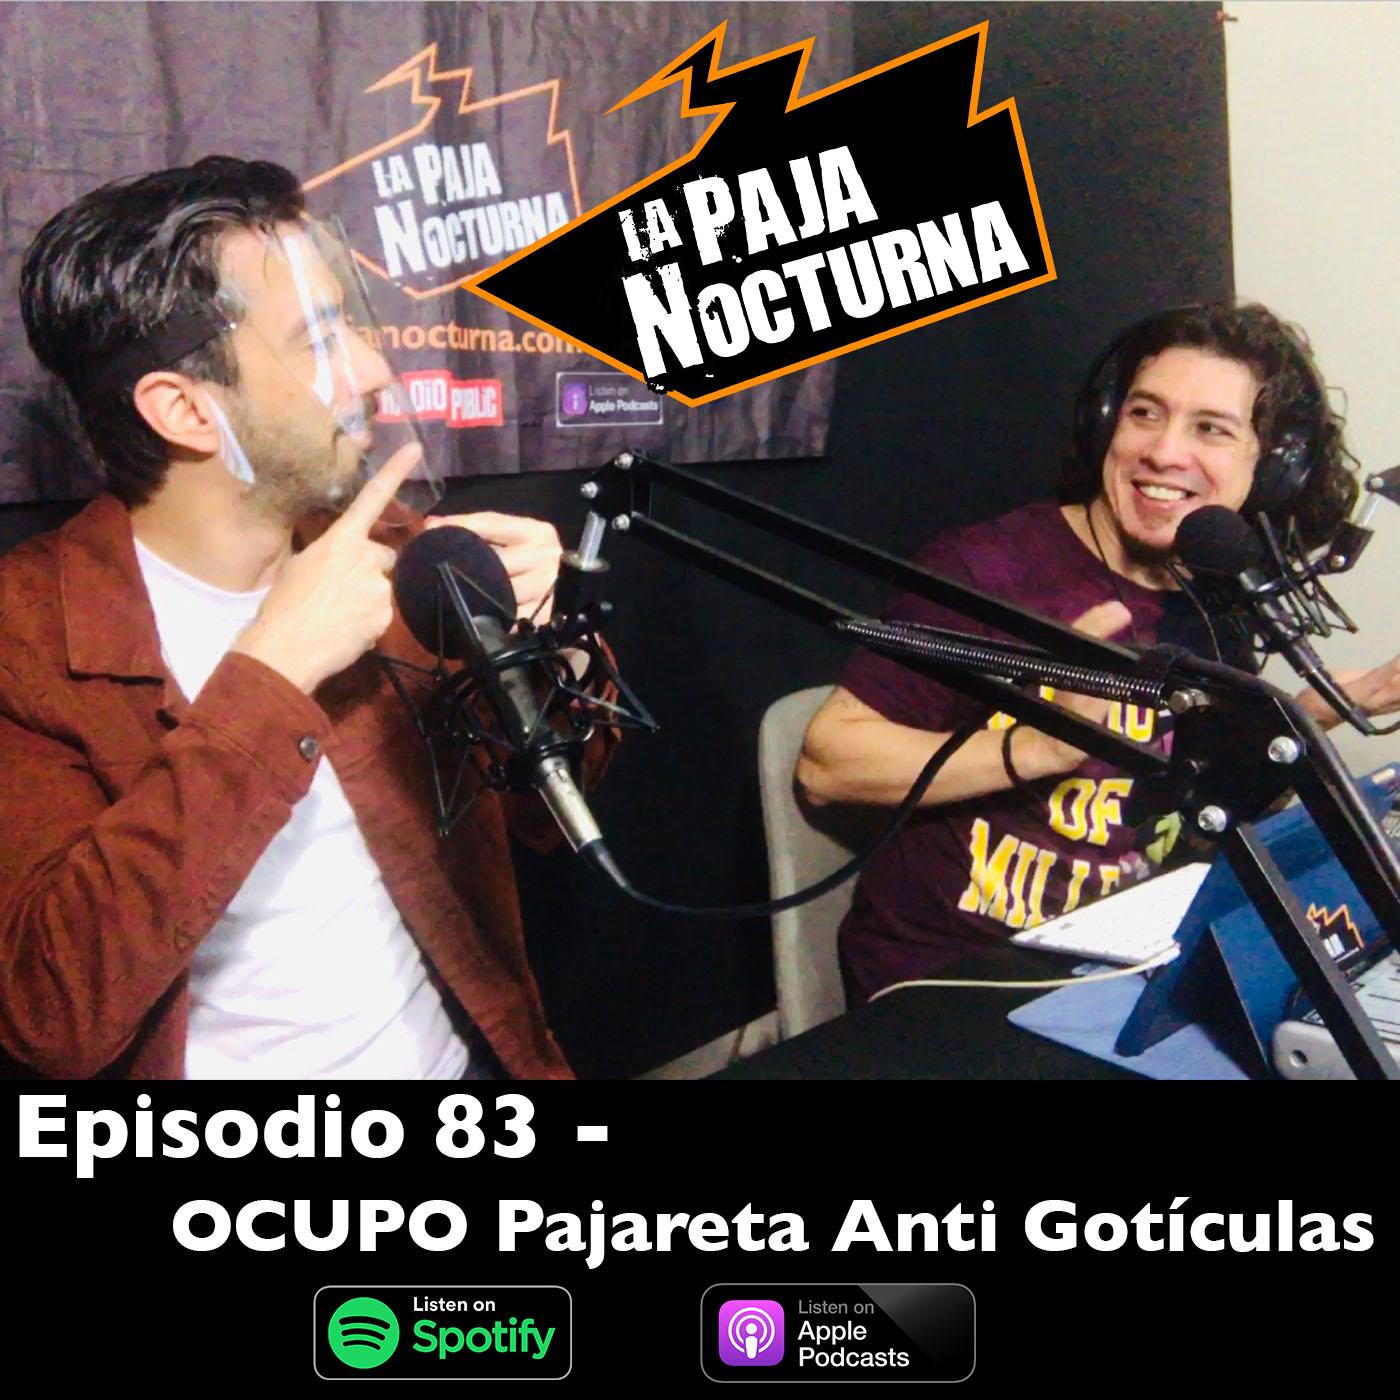 La paja nocturna podcast Episodio 83